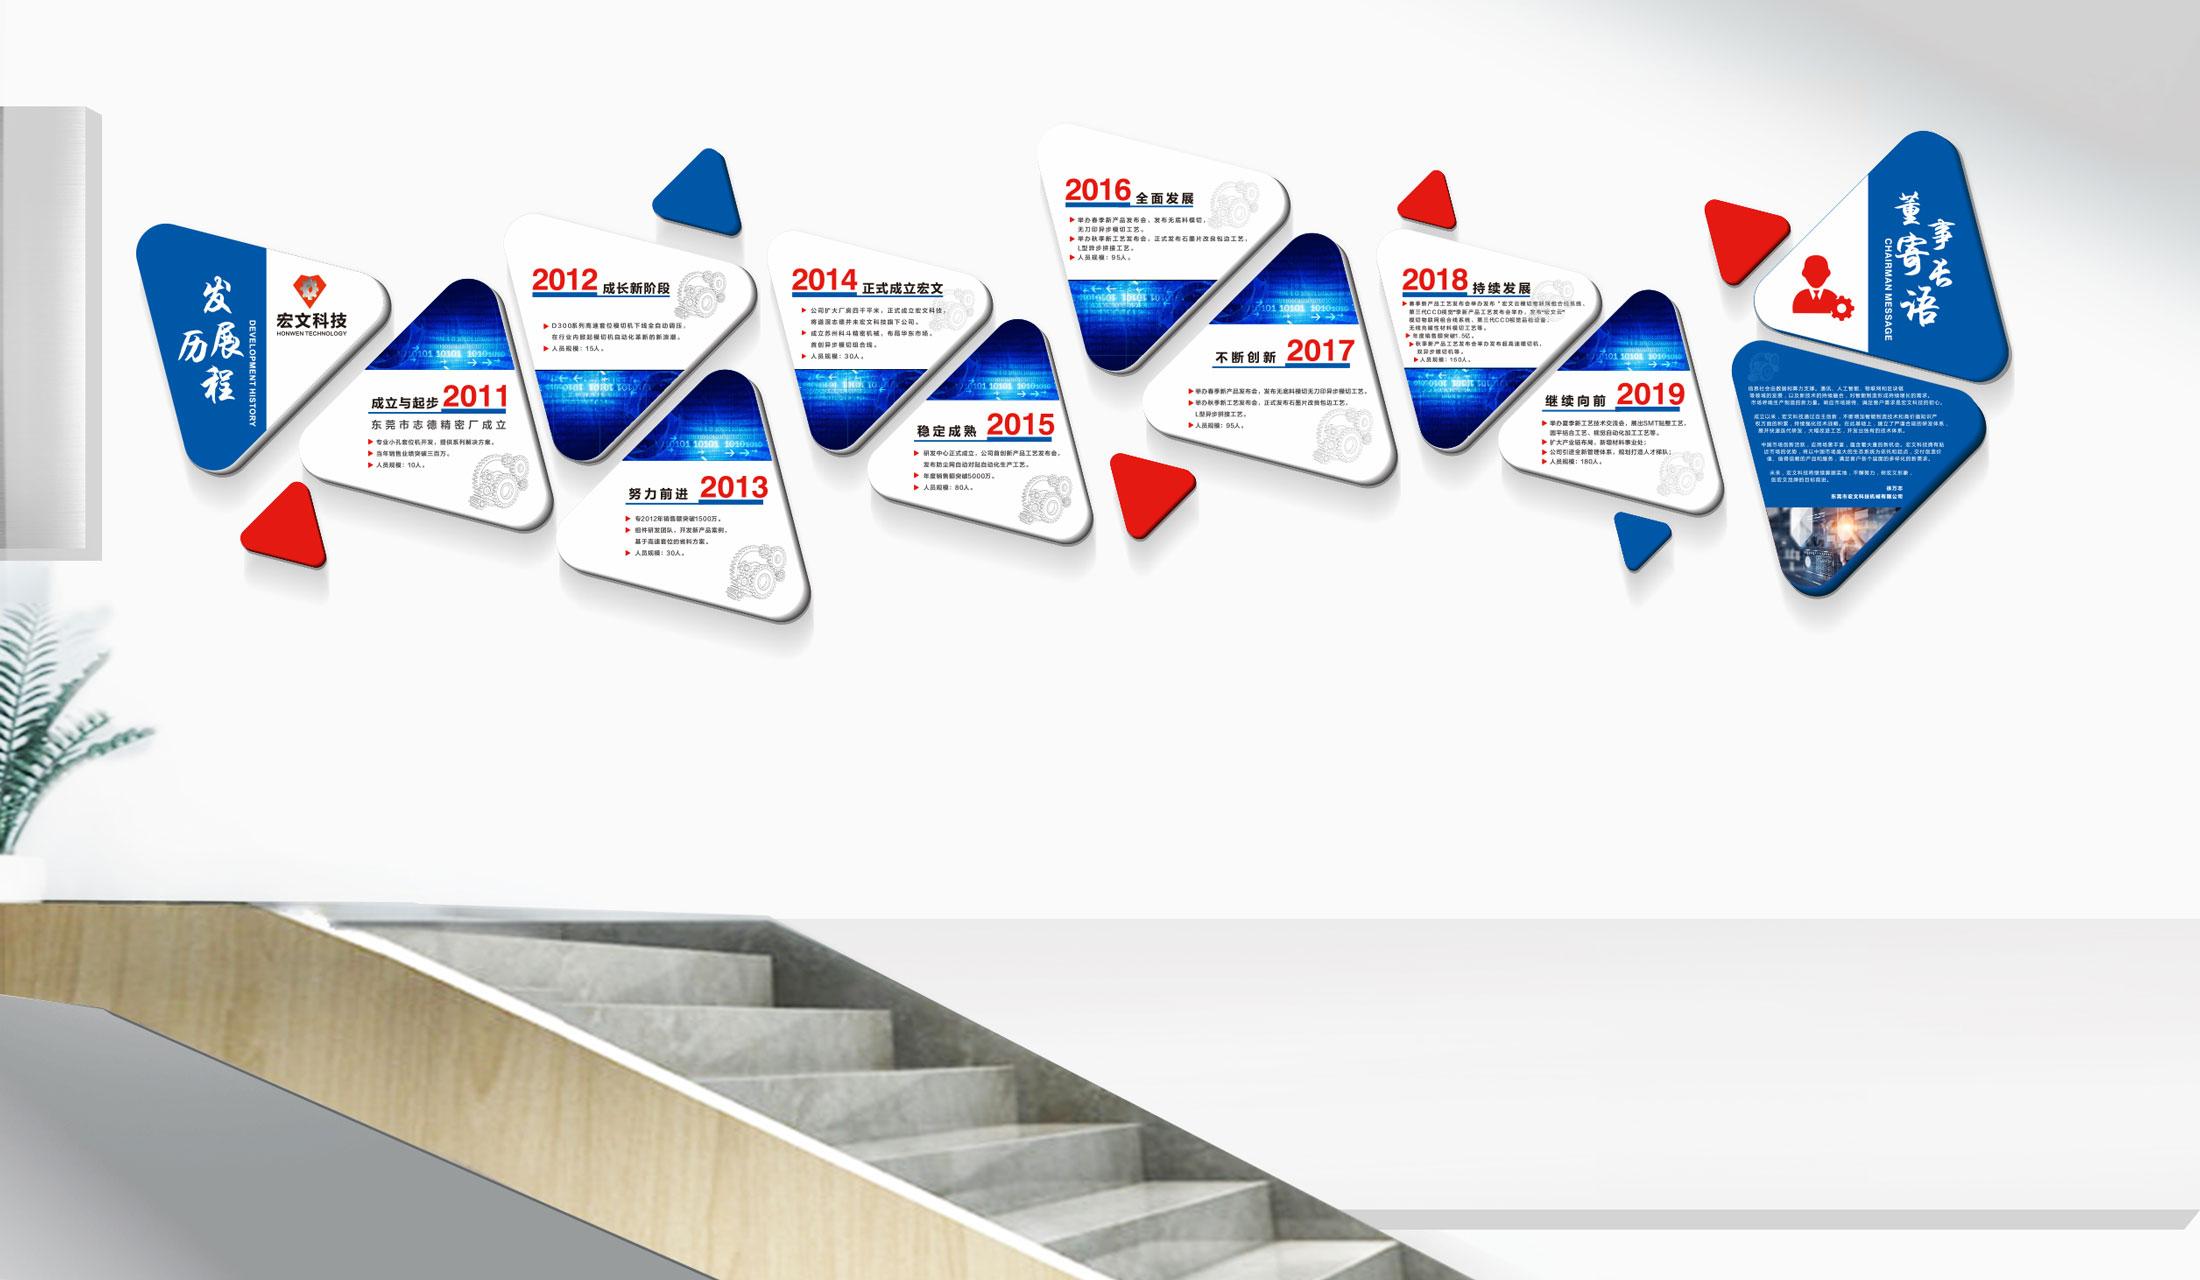 文化墙,企业文化墙,员工文化墙,公司文化墙